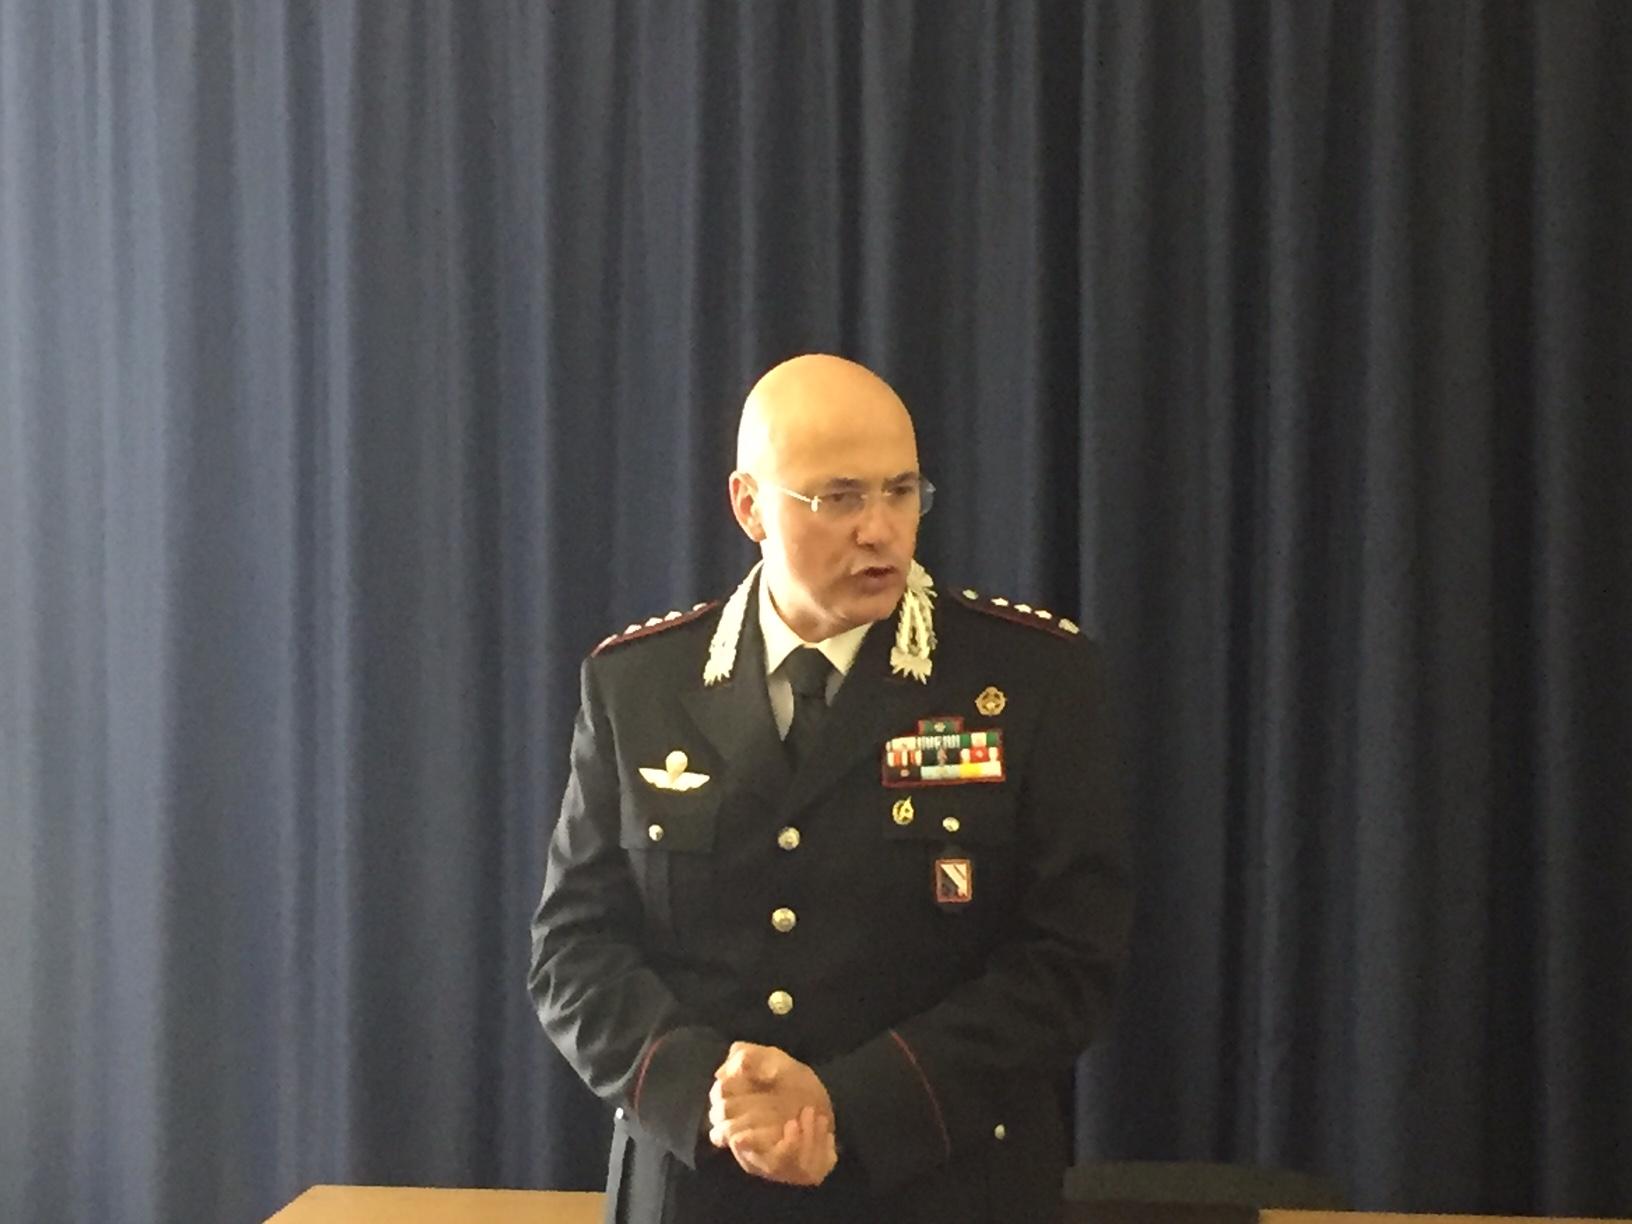 colonnello-antonino-neosi-comandante-provinciale-carabinieri-salerno-2016